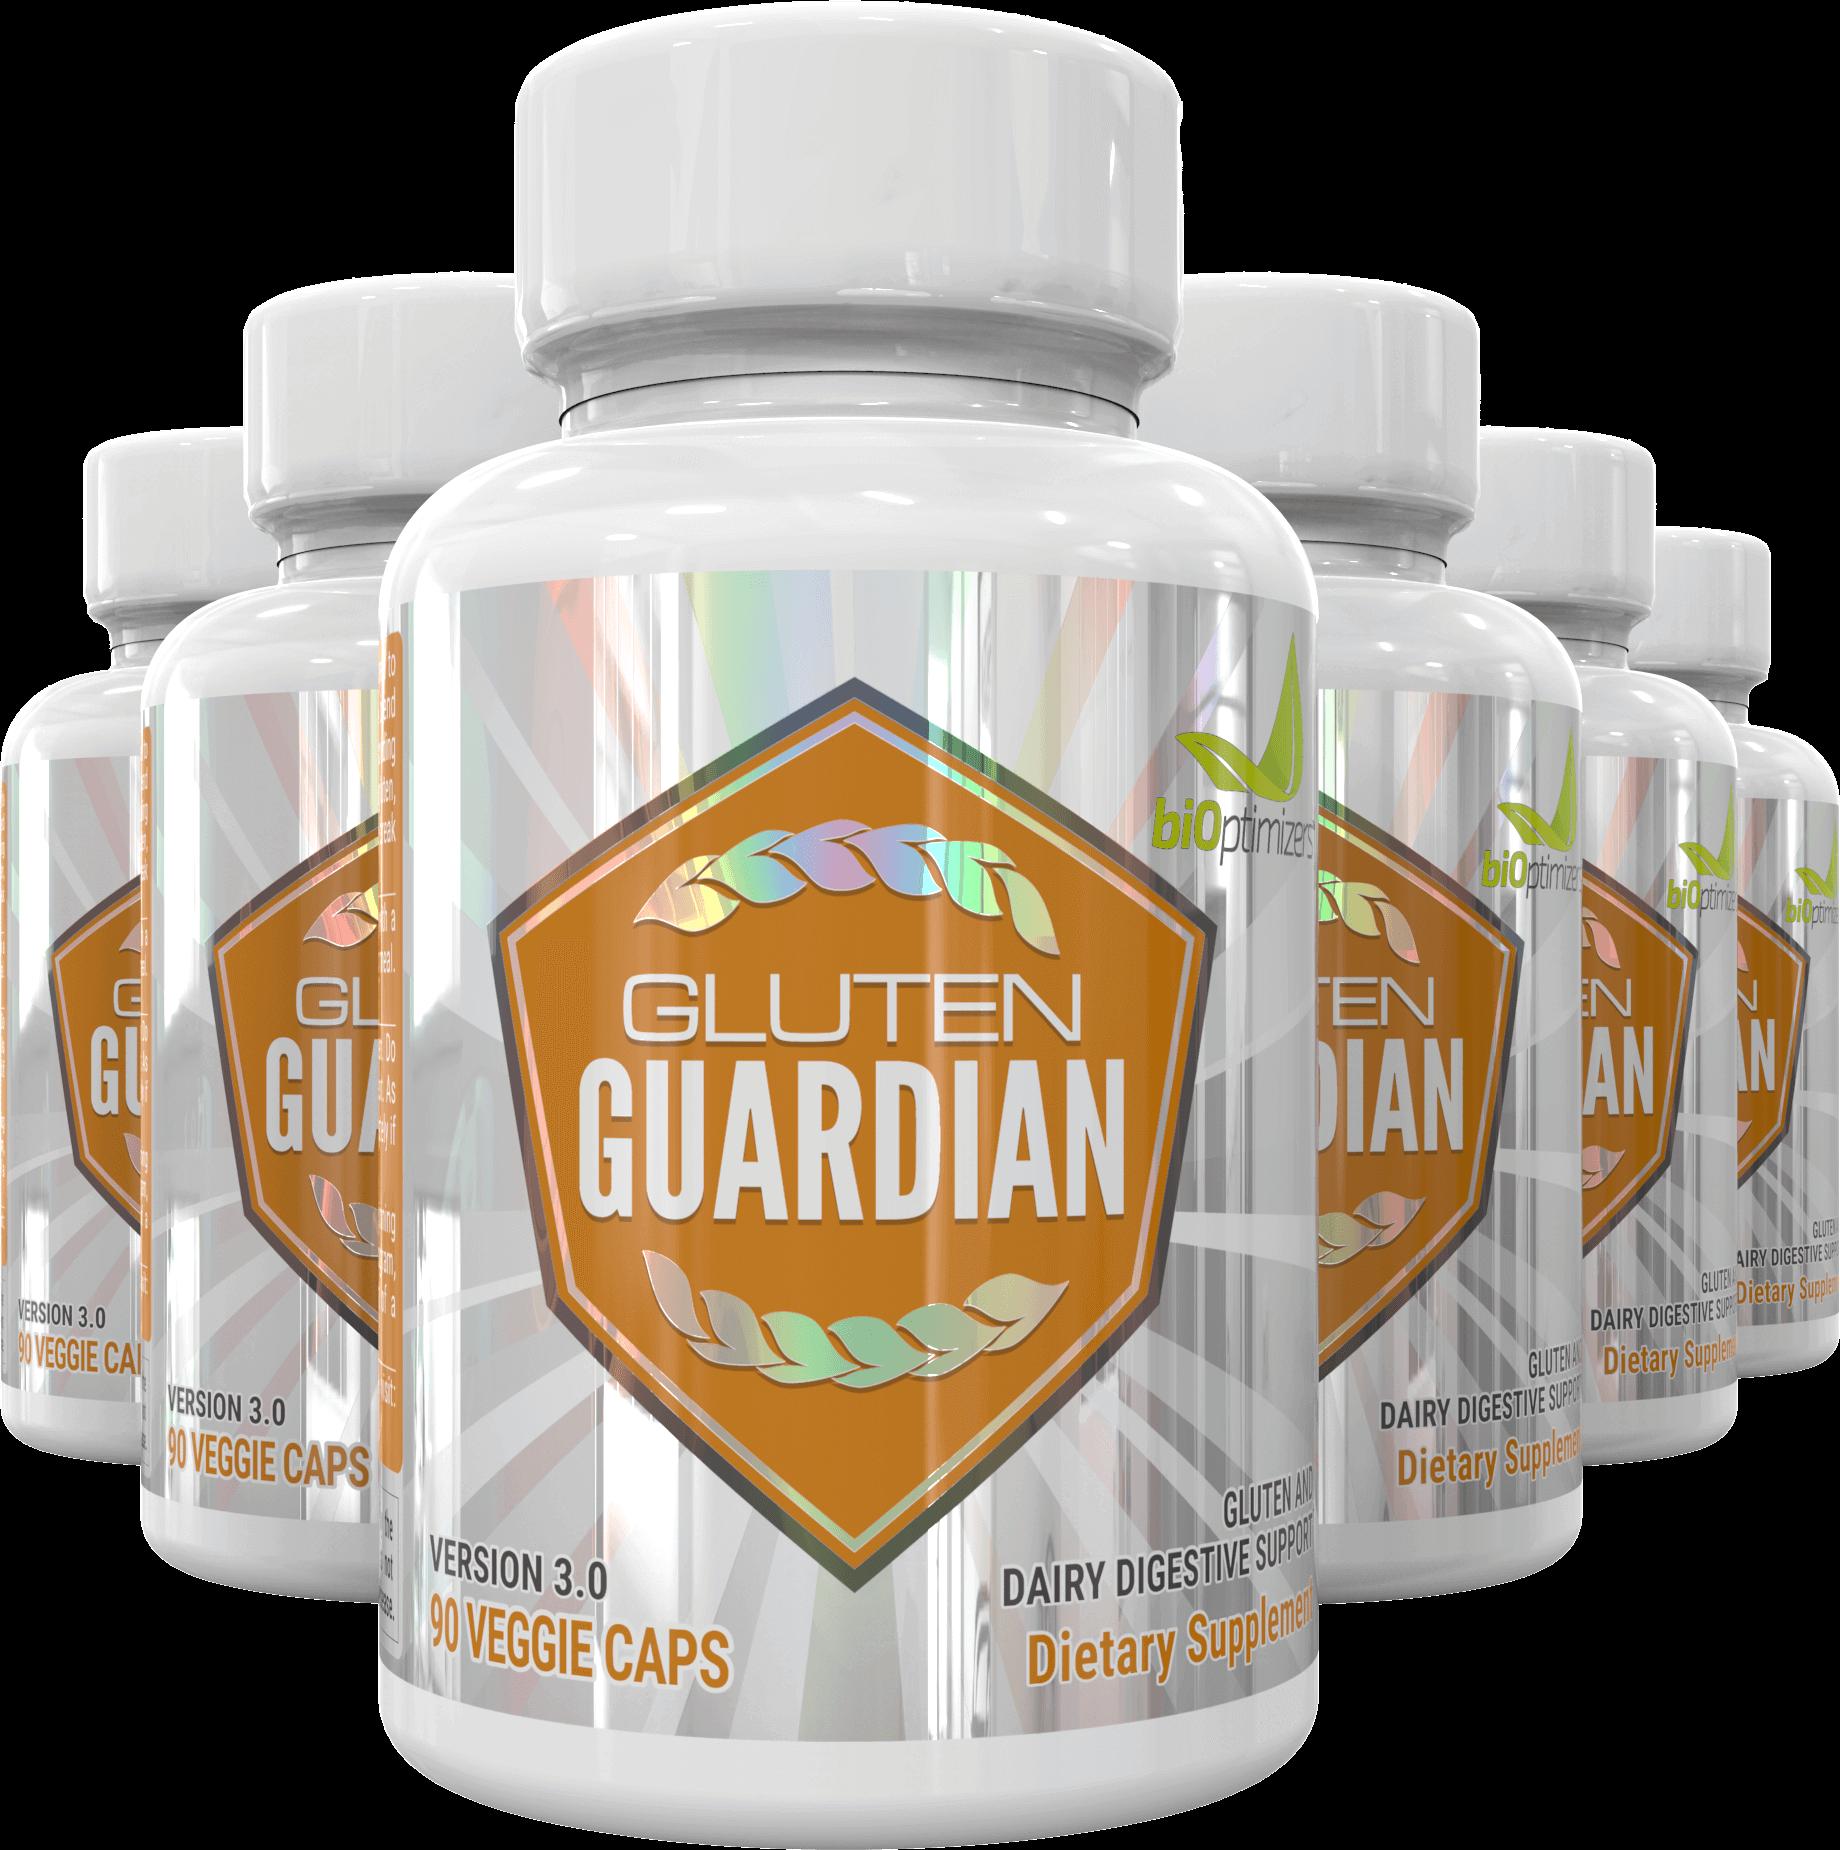 Gluten_Guardian_US_90_6PACK (1)